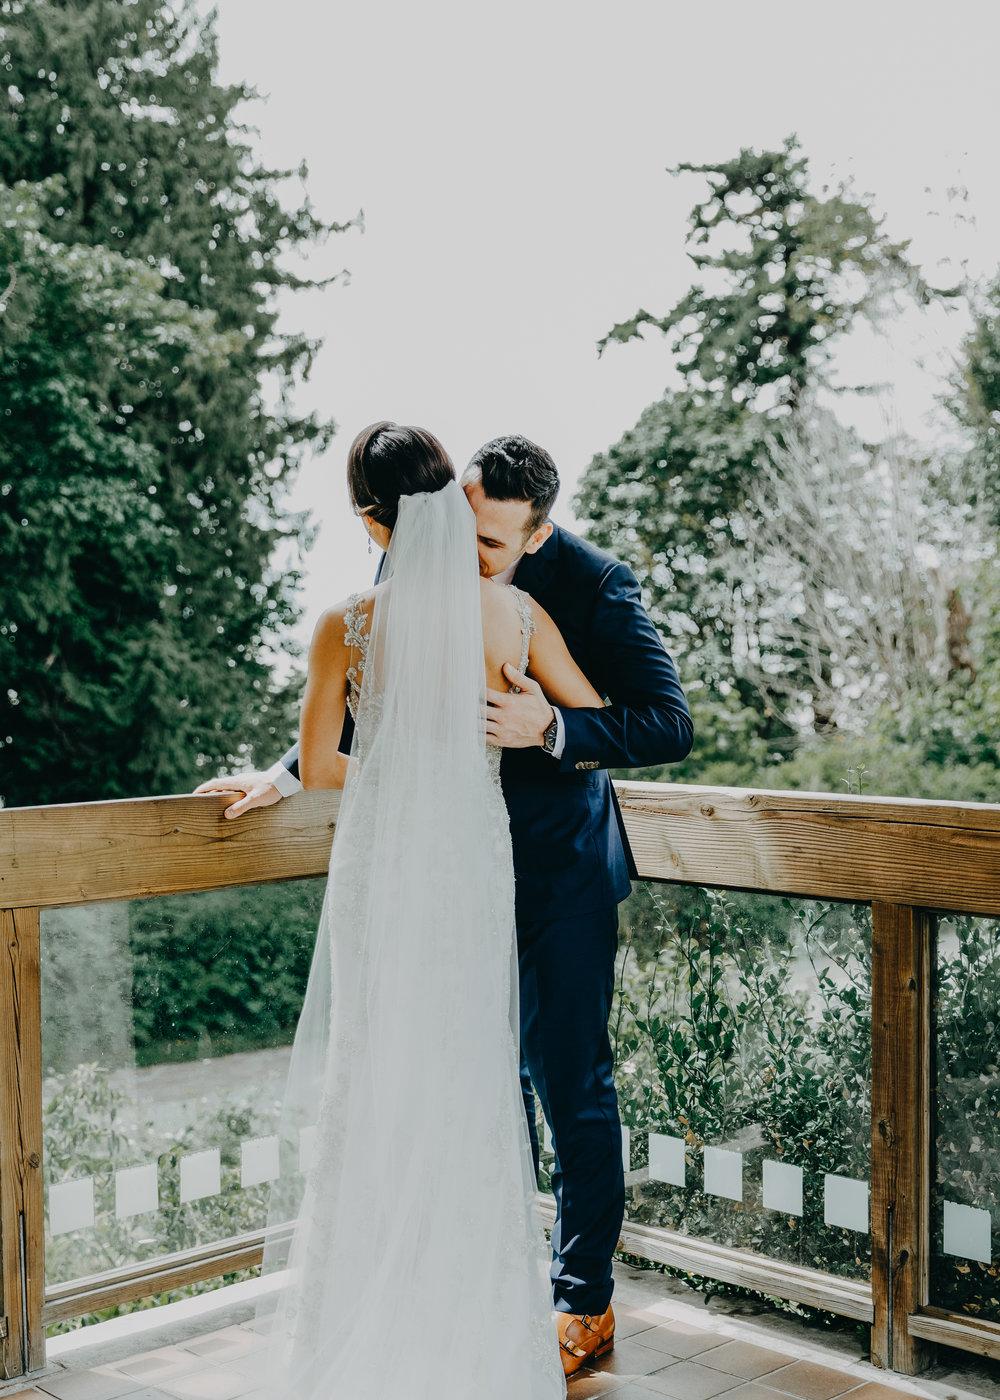 HARIKAPHOTO_WeddingPhotography-68.jpg